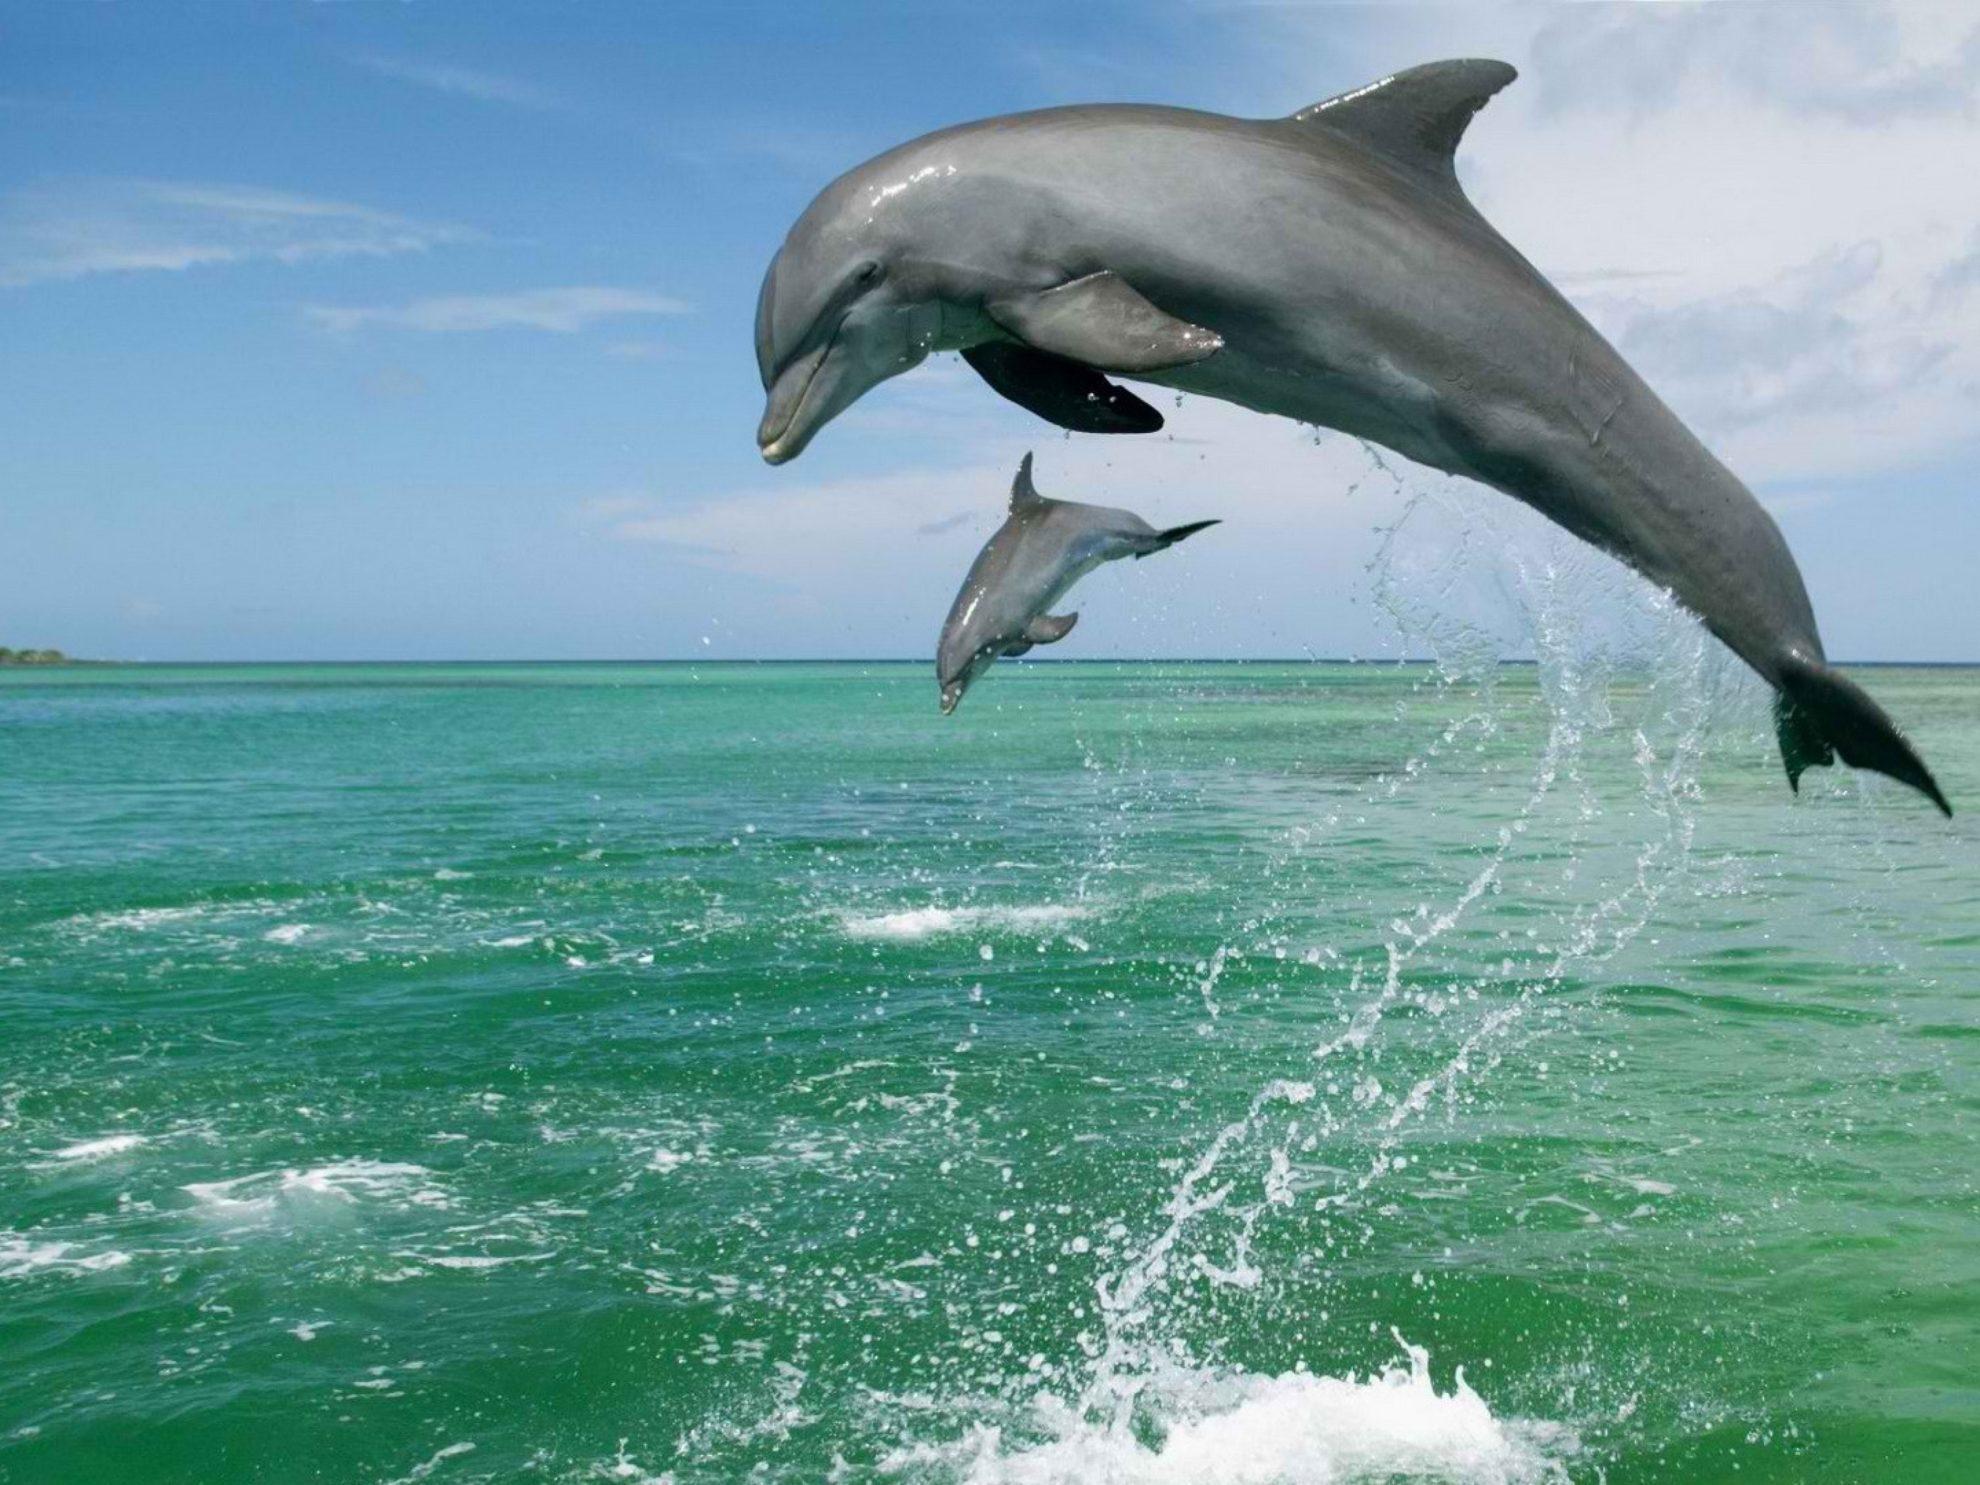 Дельфины любят играть.. Но именно так они и охотятся.